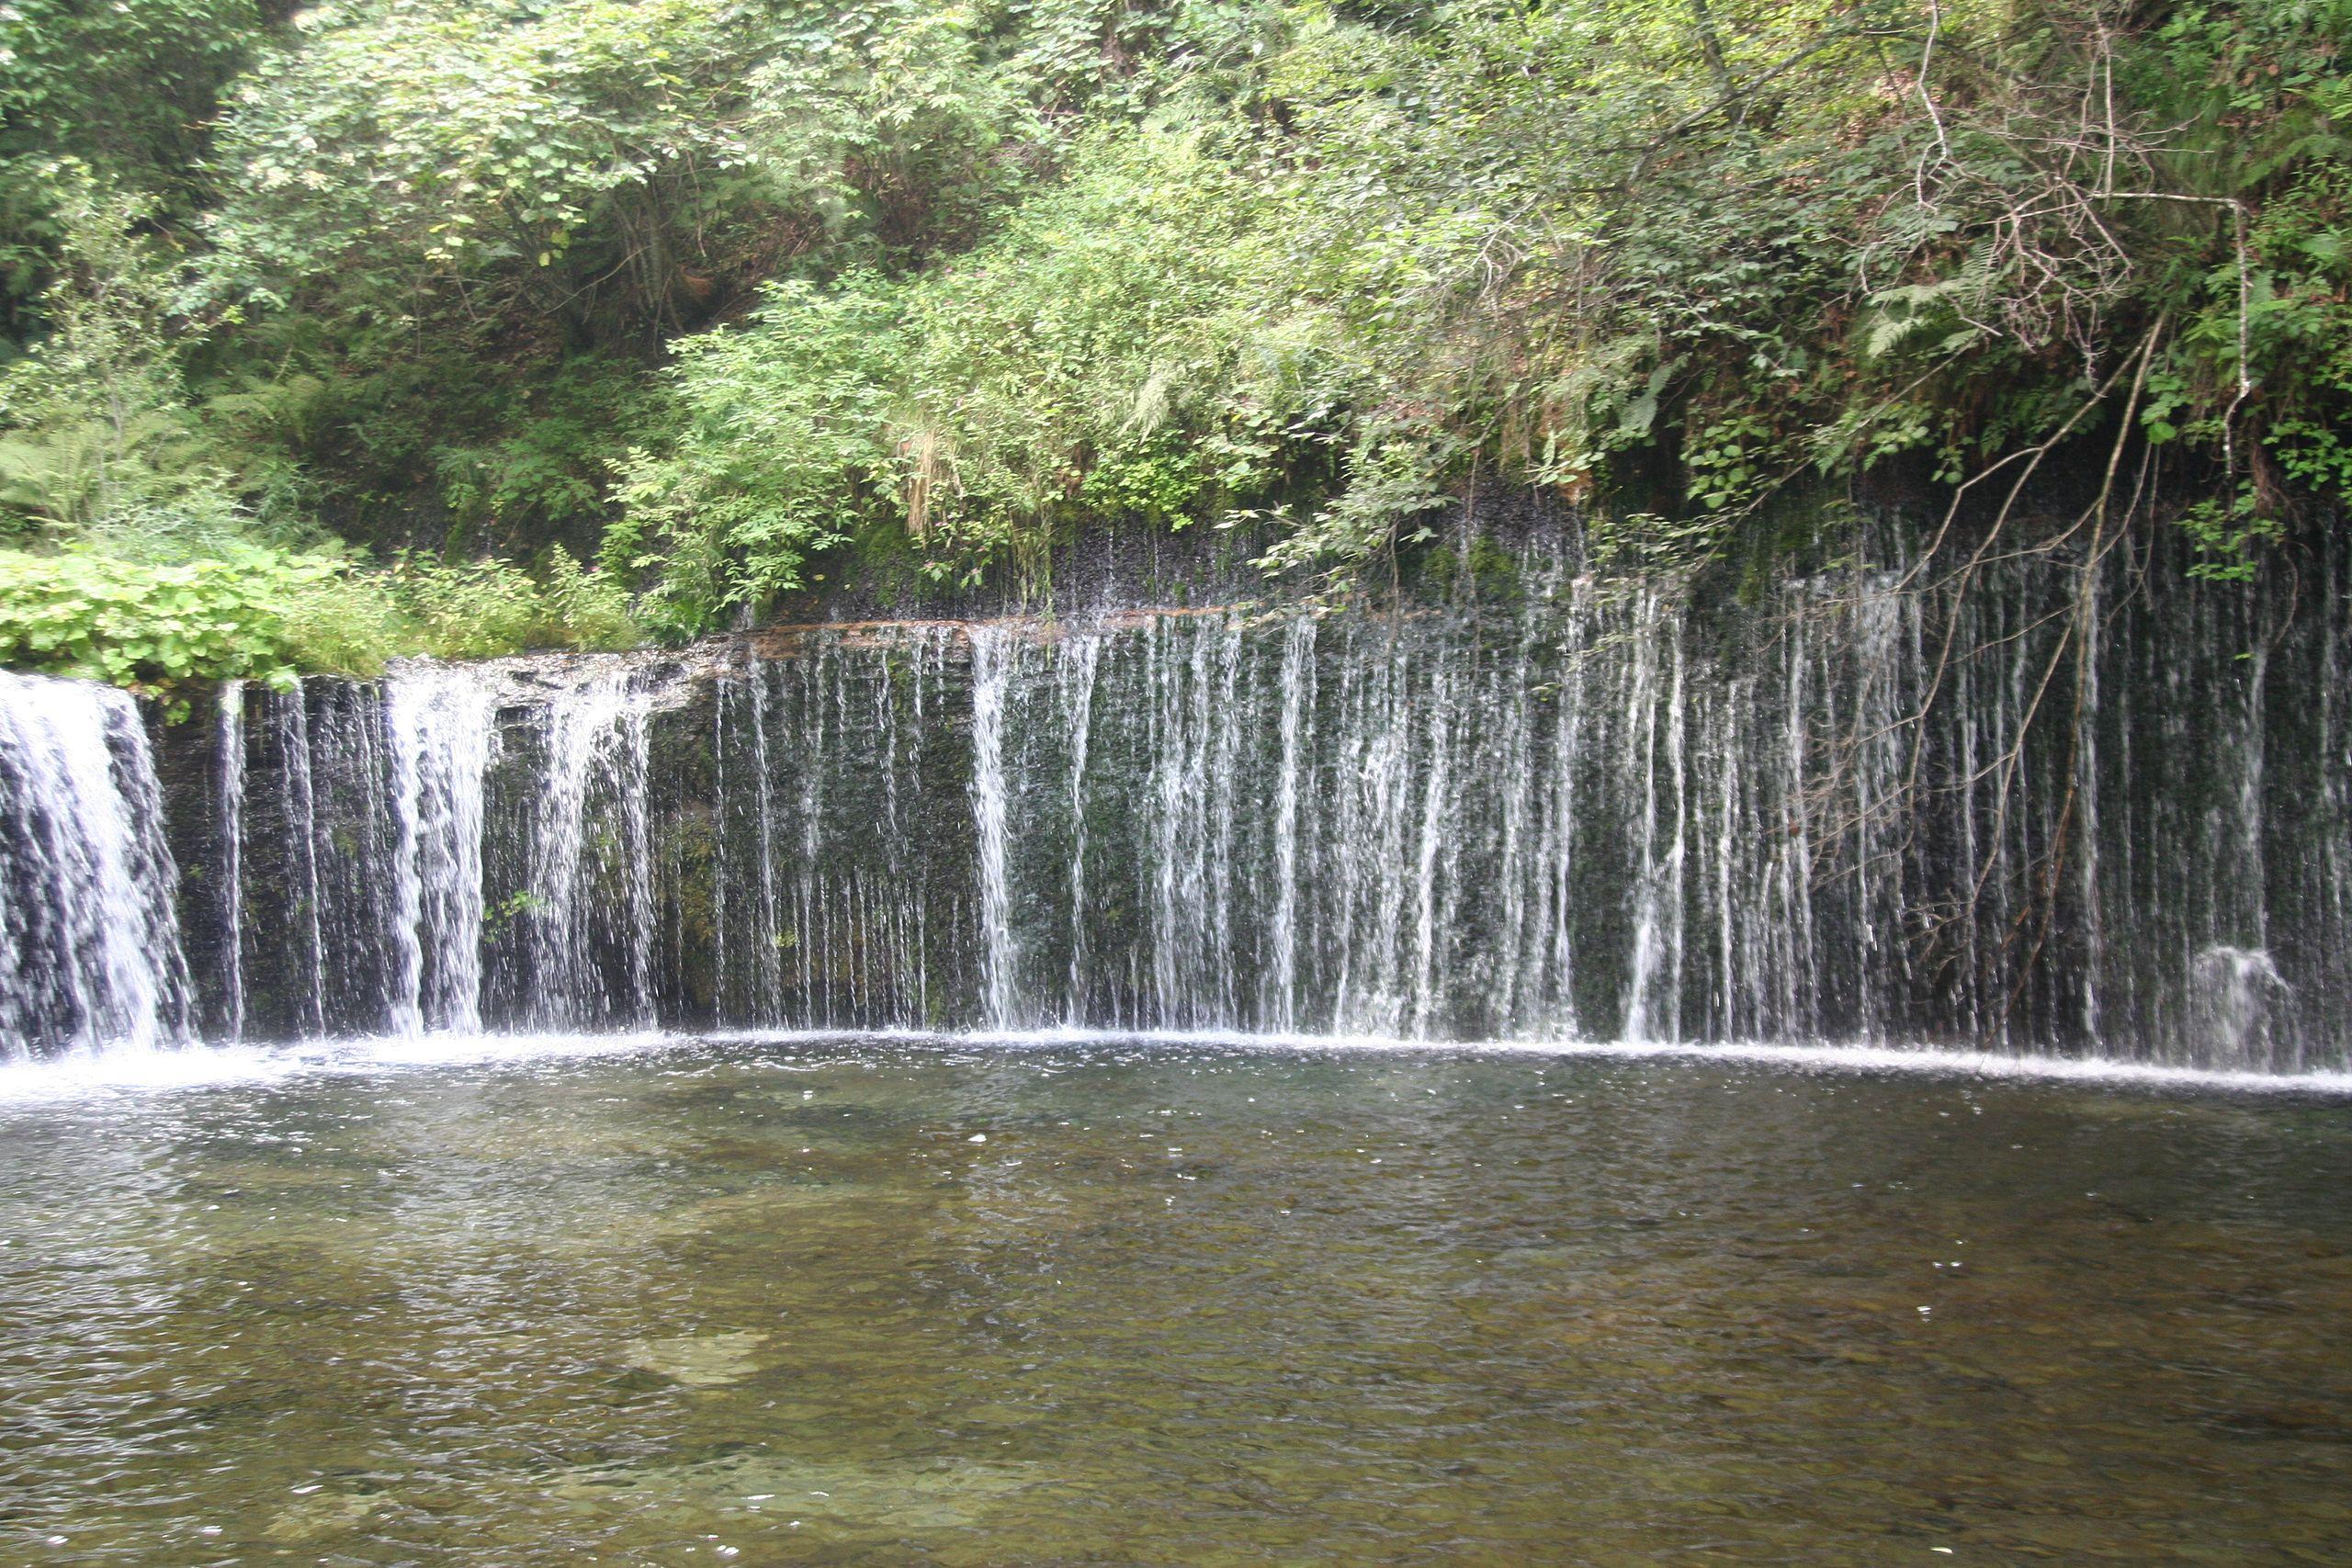 Shiraito_Falls,_Karuizawa_2243